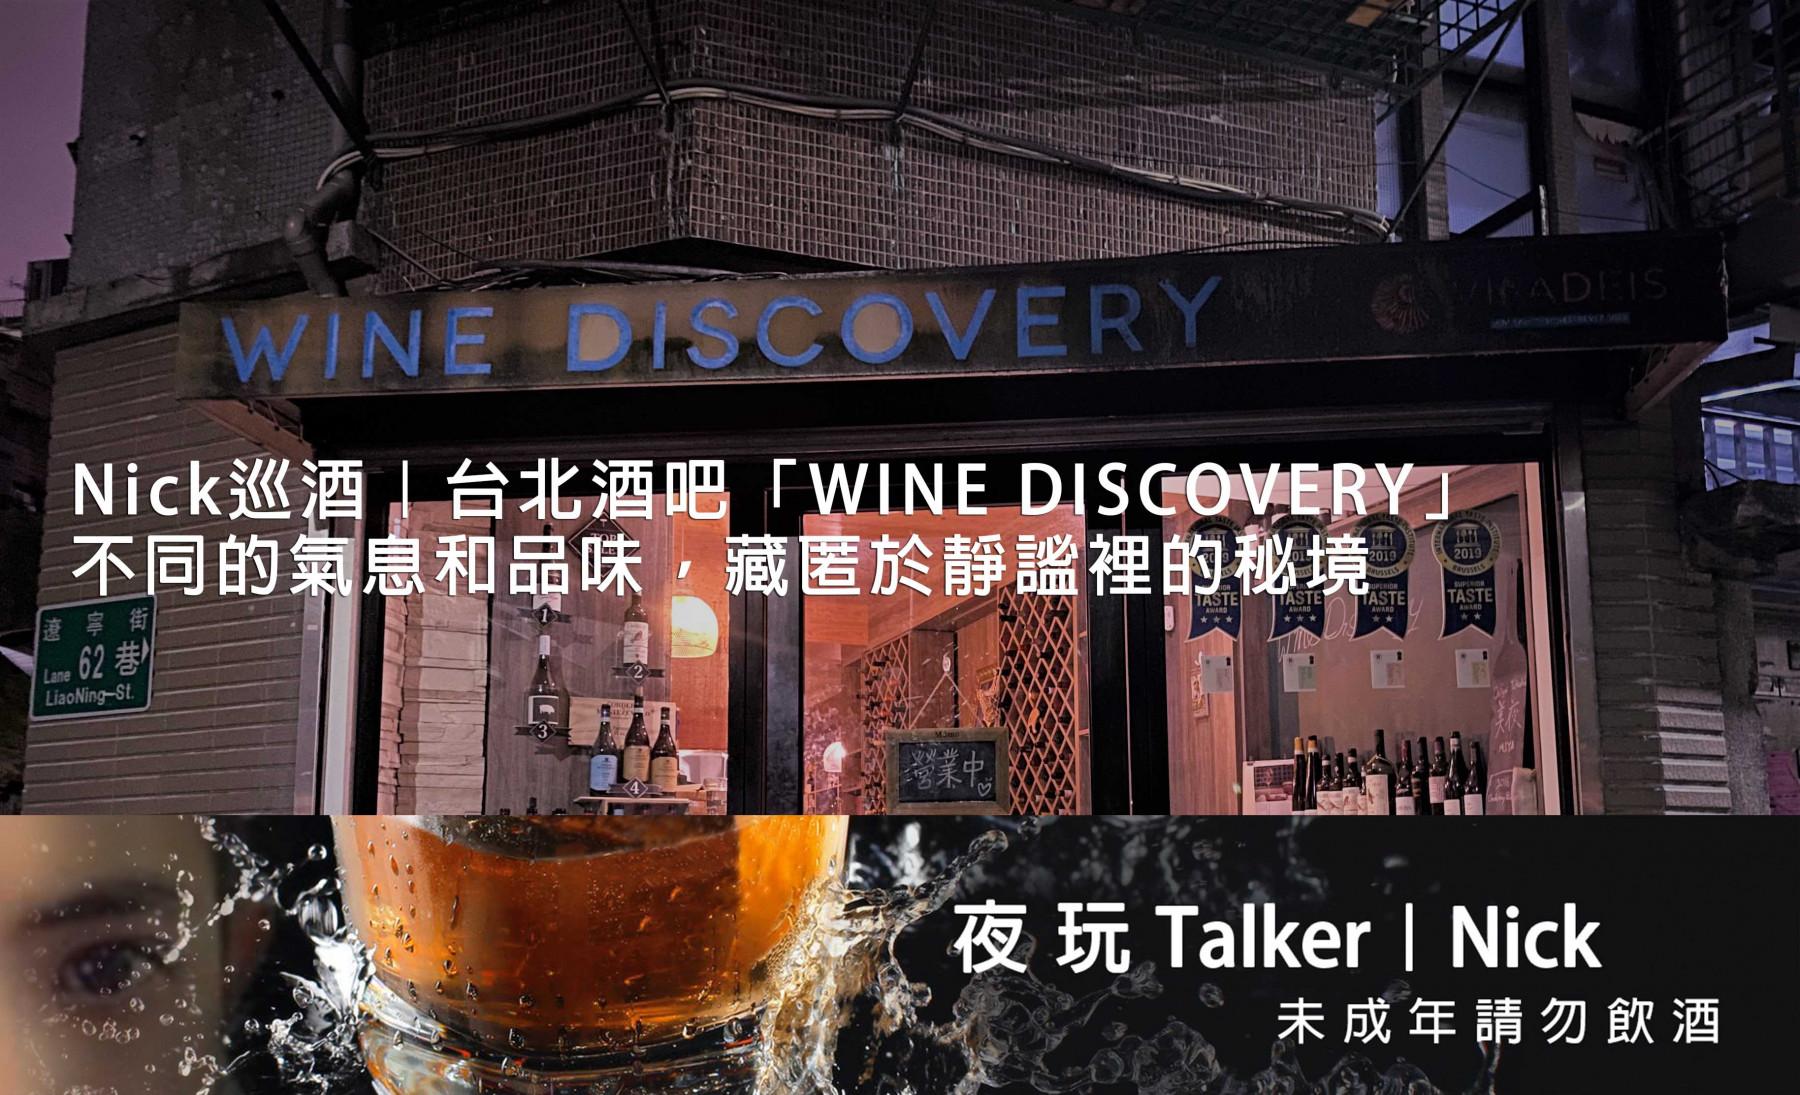 Nick巡酒 台北酒吧「WINE DISCOVERY」不同的氣息和品味,藏匿於靜謐裡的秘境